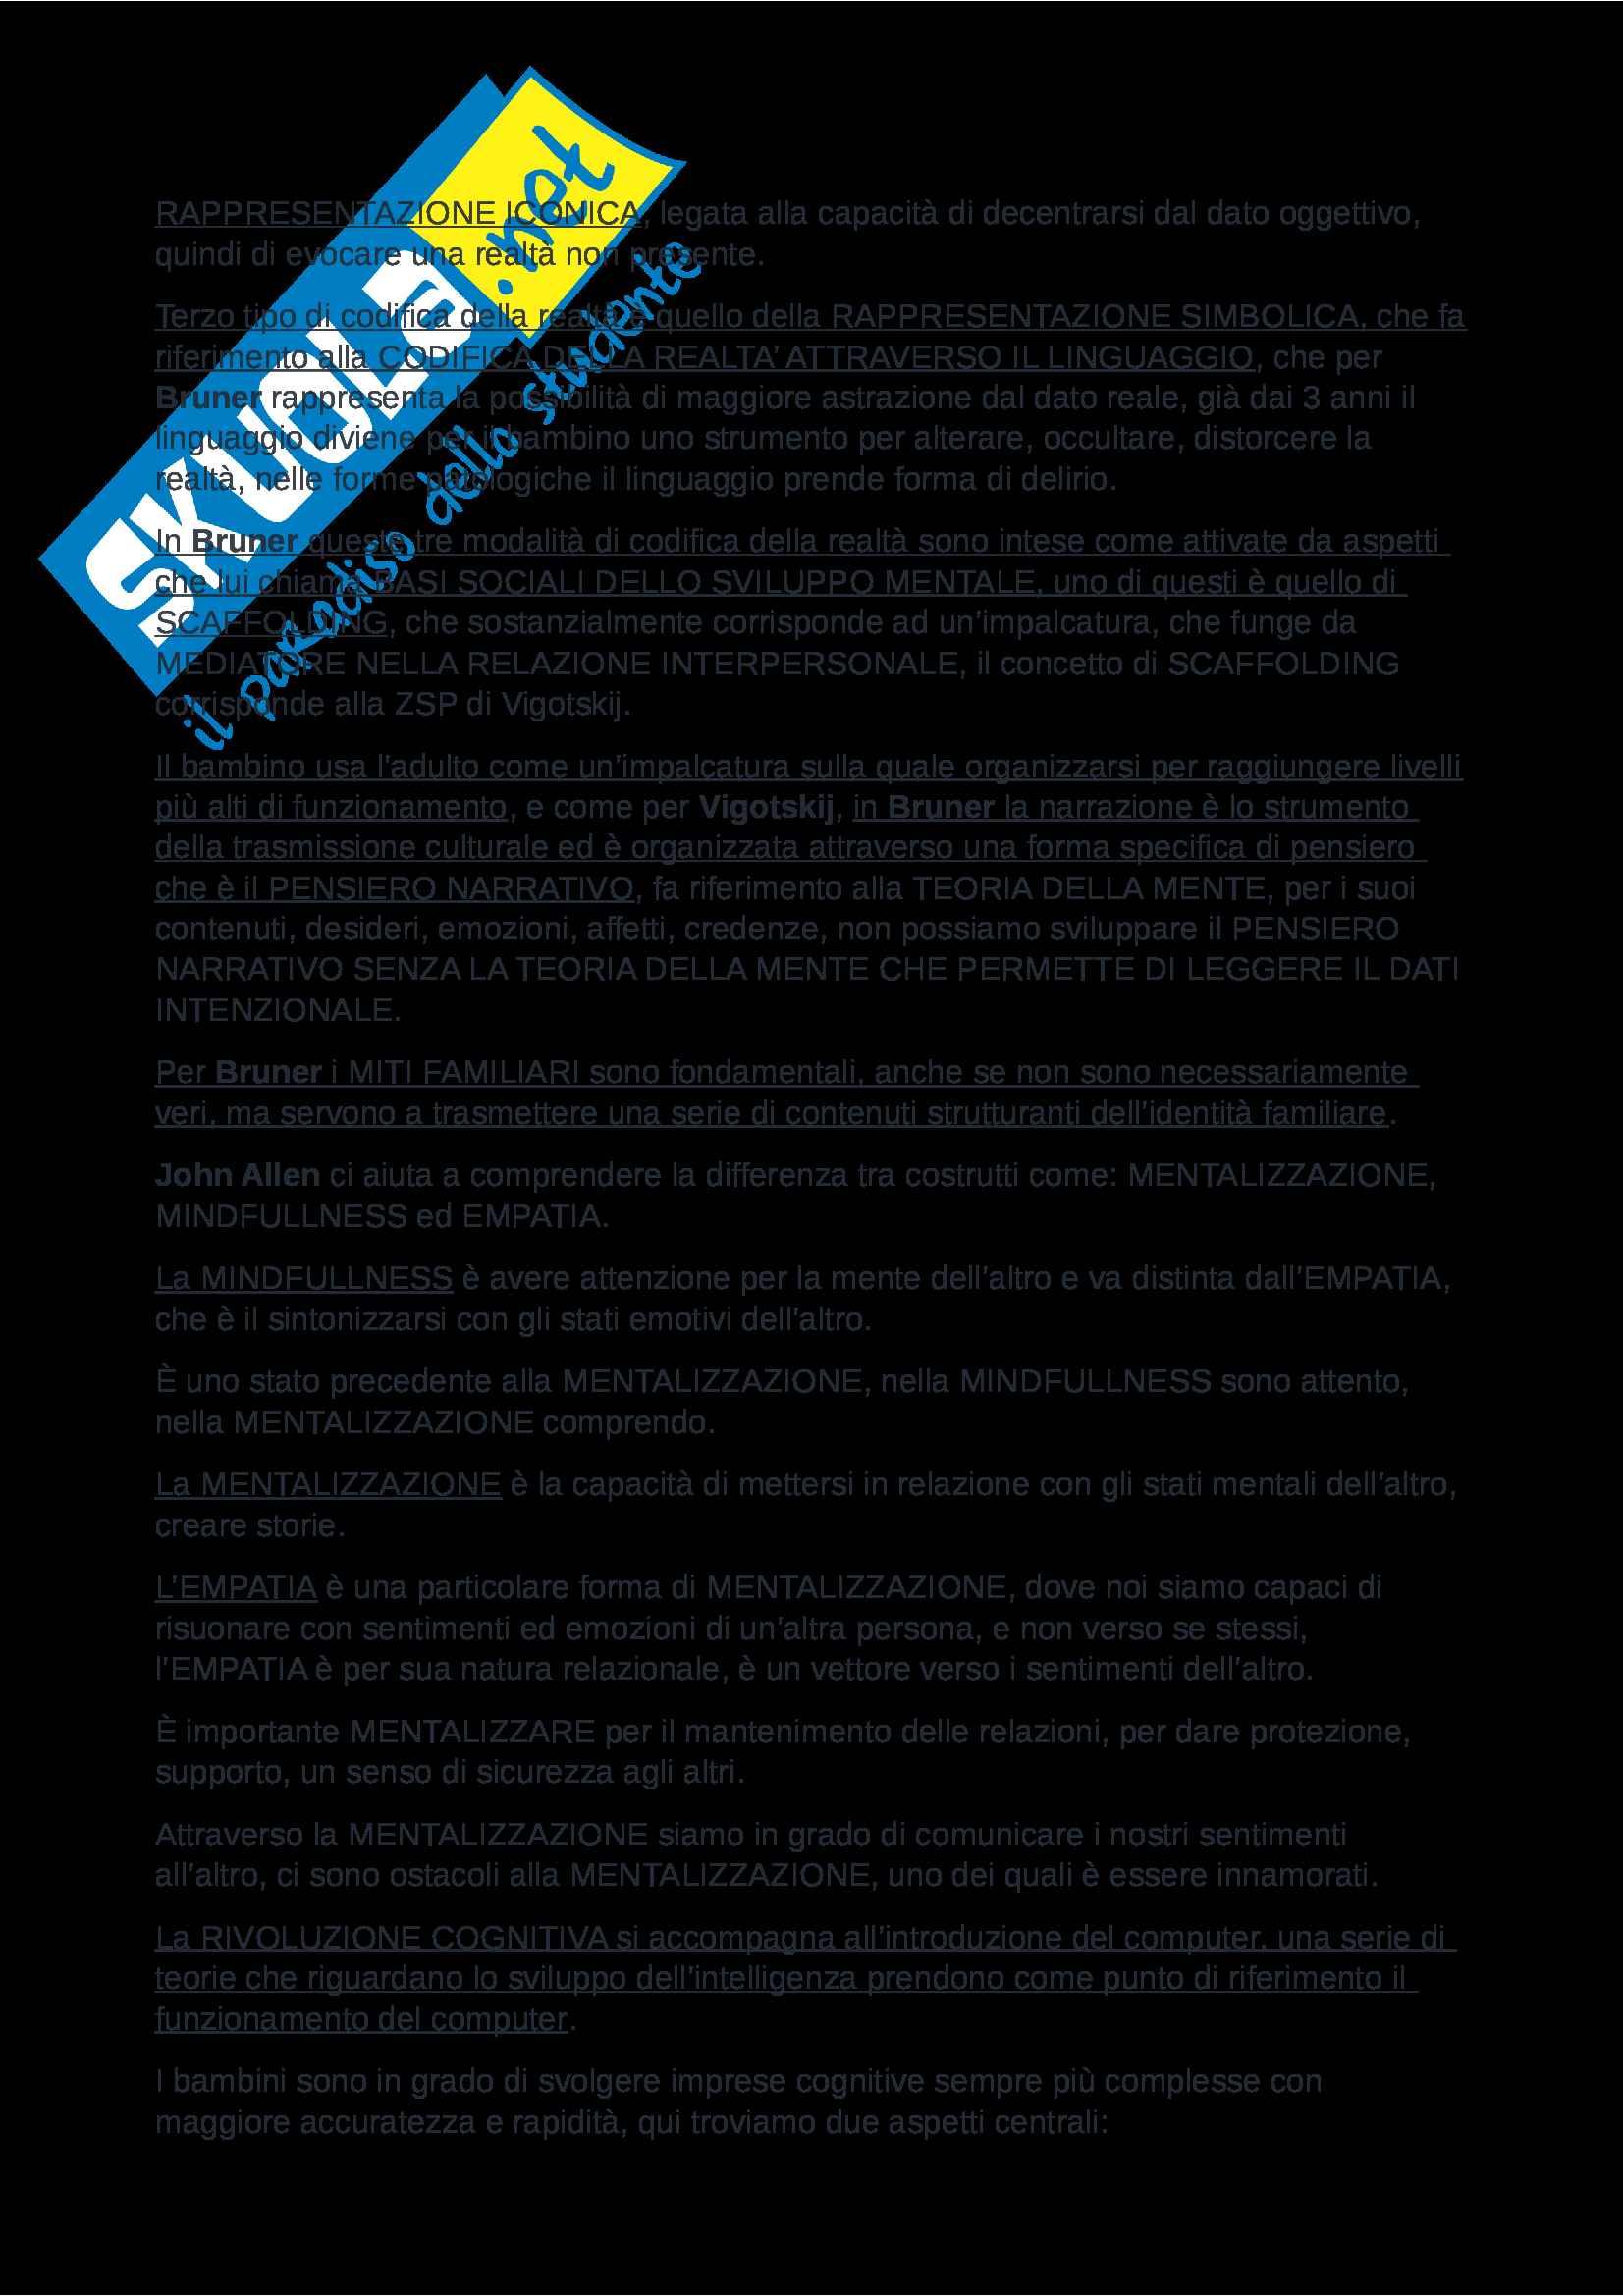 Riassunto esame Psicologia dello Sviluppo, Prof. Nicolais, libro consigliato Manuale Psicologia dello Sviluppo, Shaffer e Kipp Pag. 41